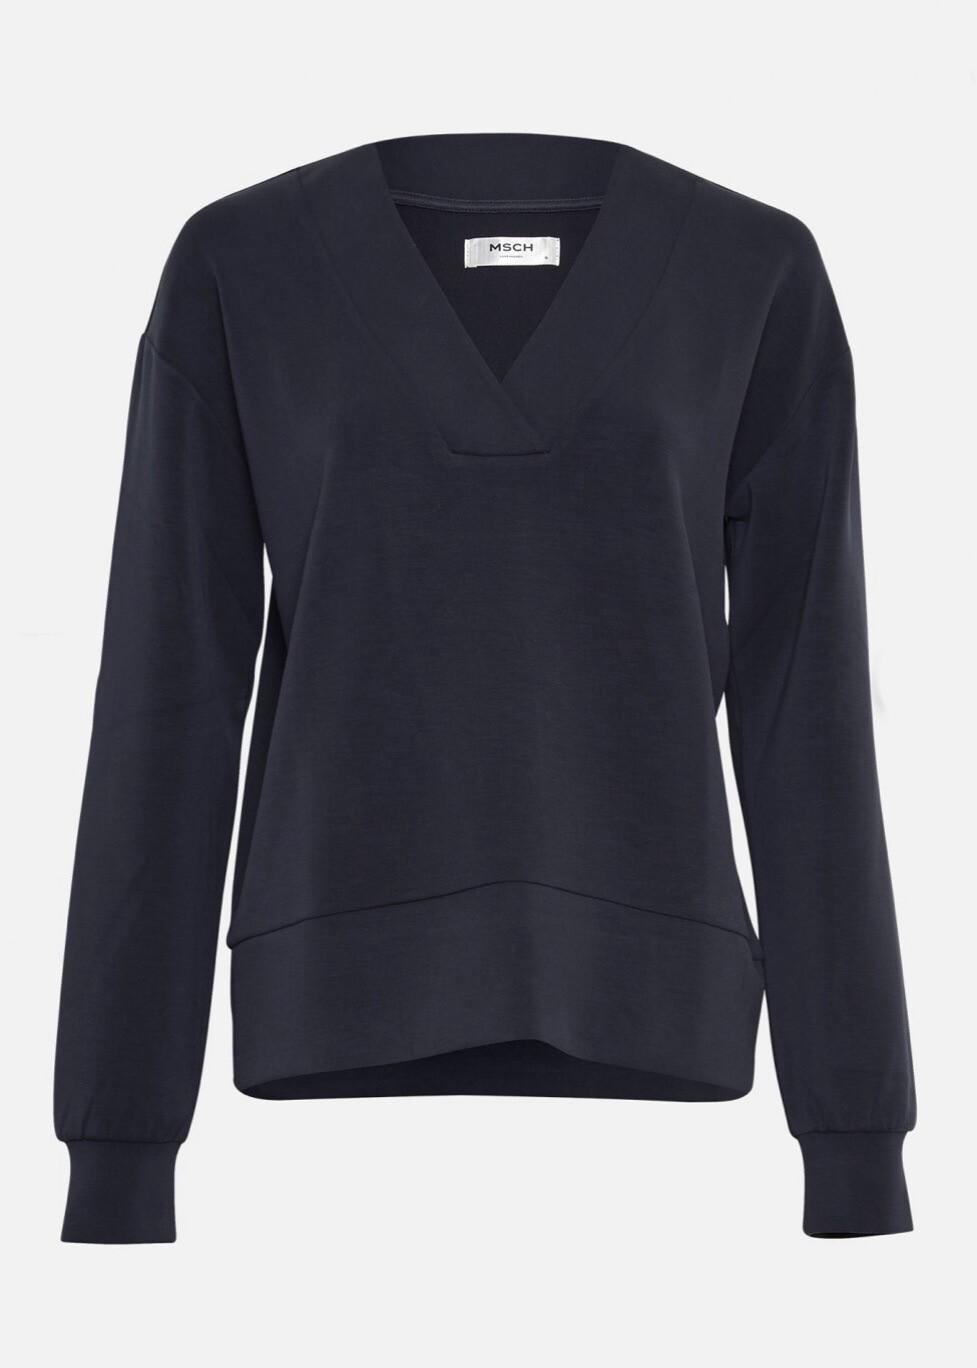 Merla blouse blue